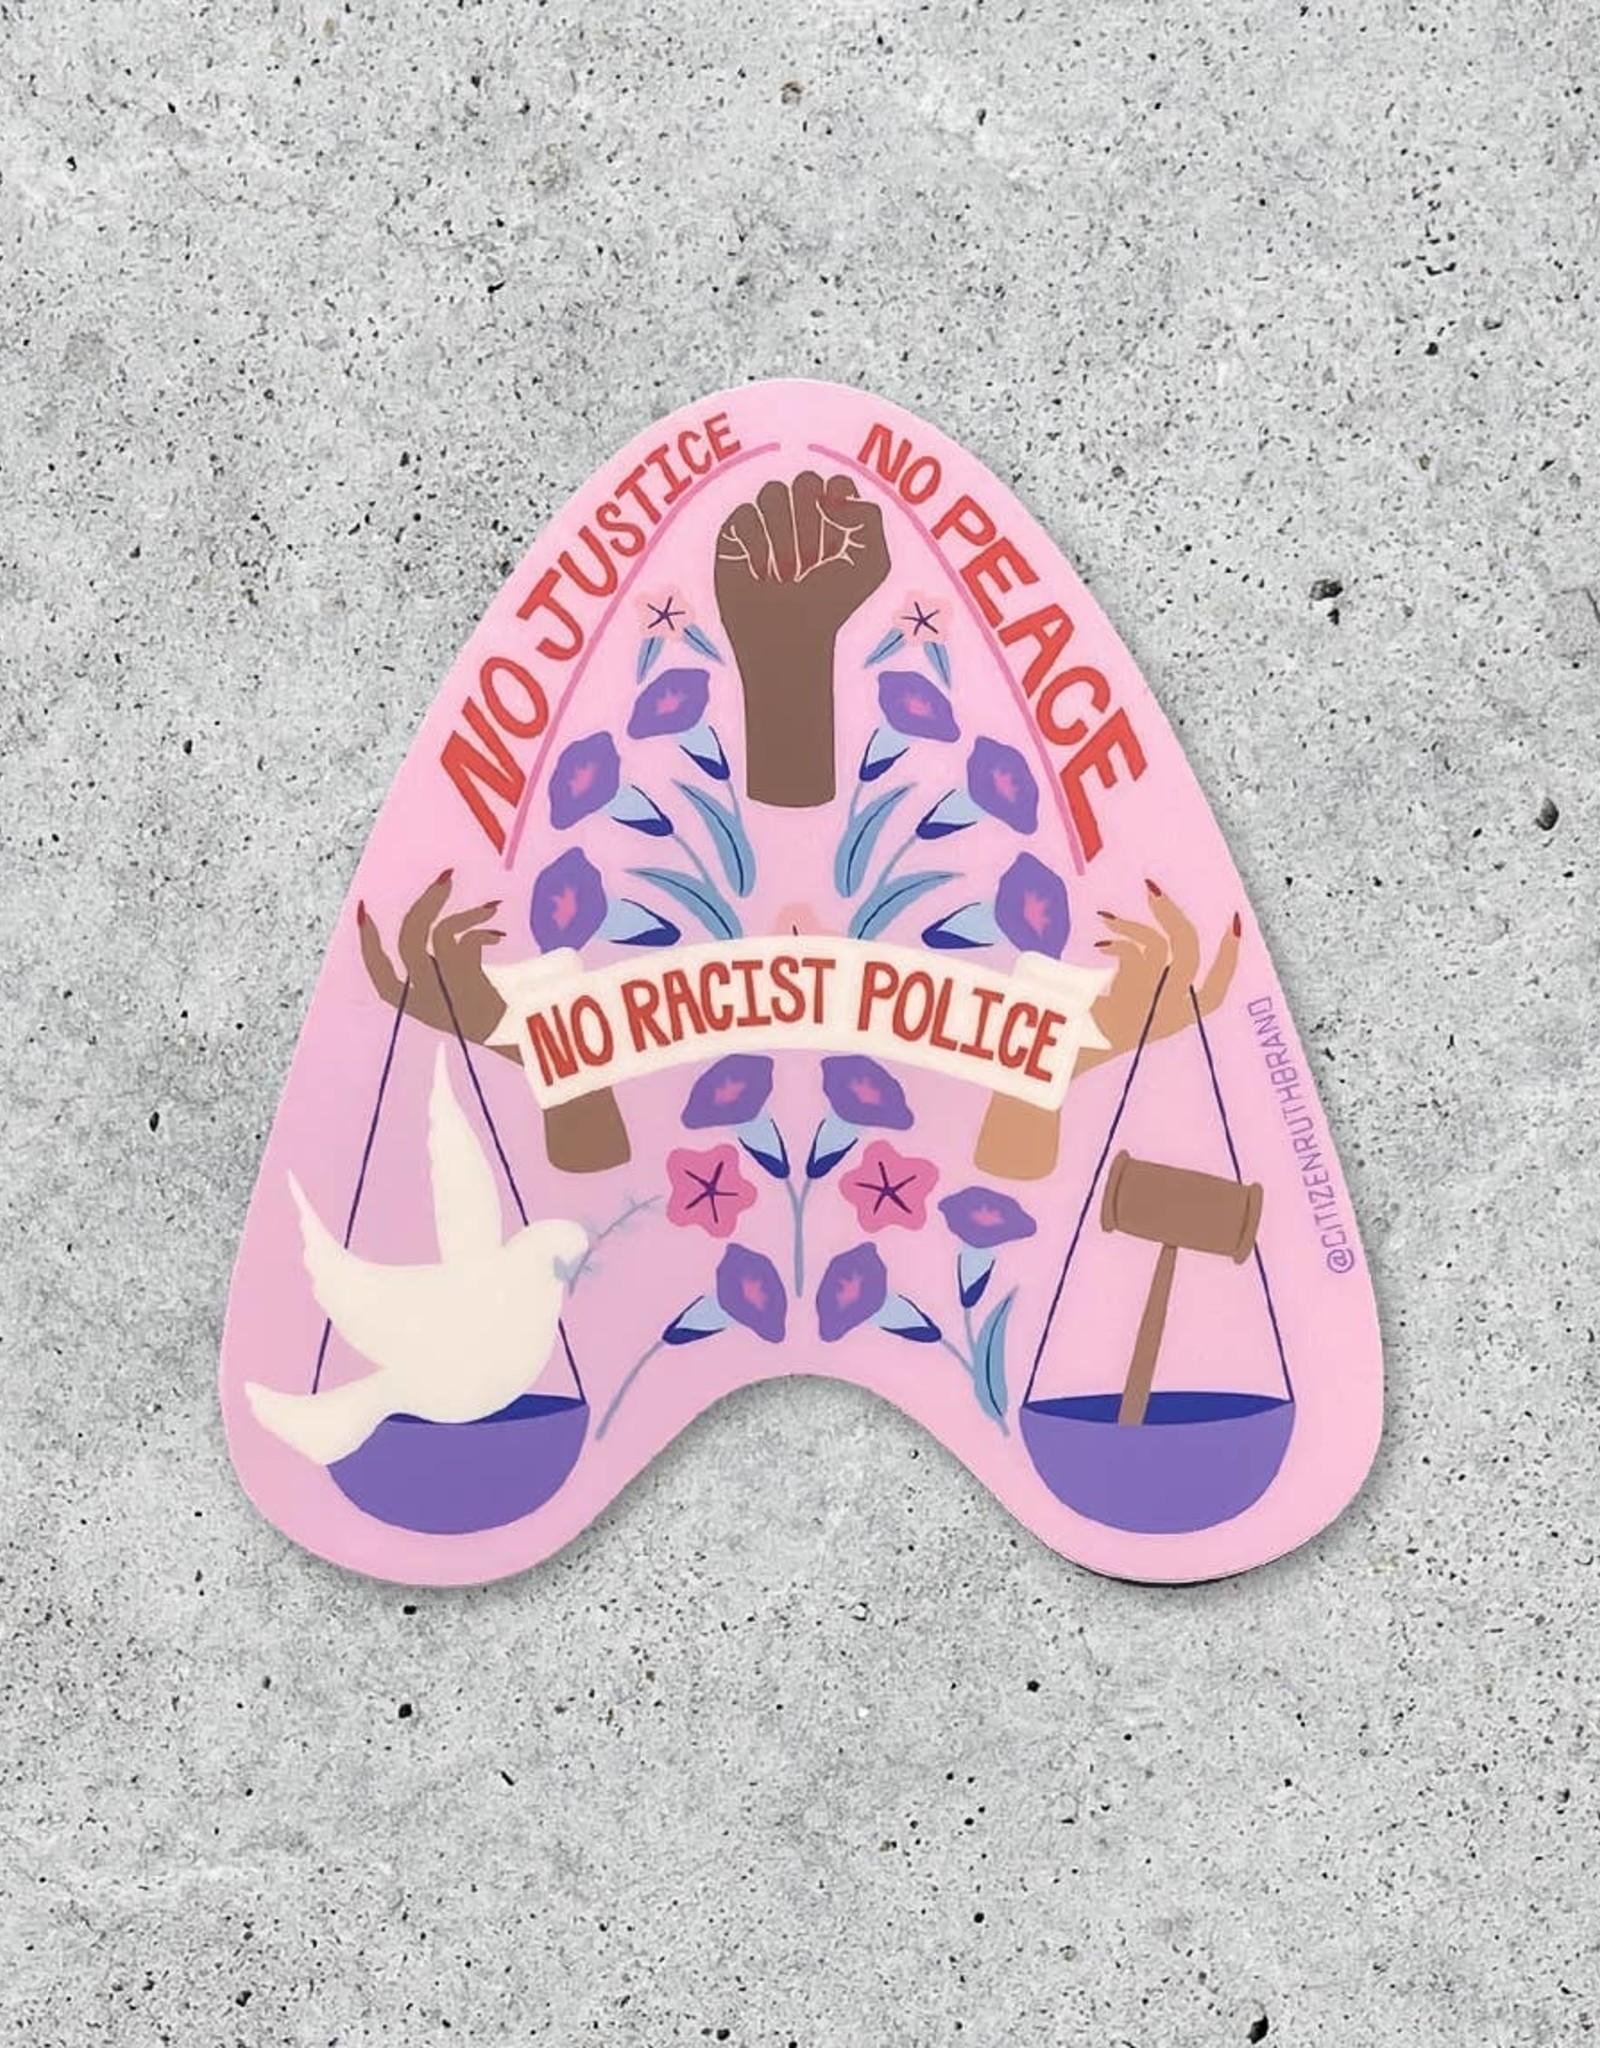 Sticker: No justice no peace